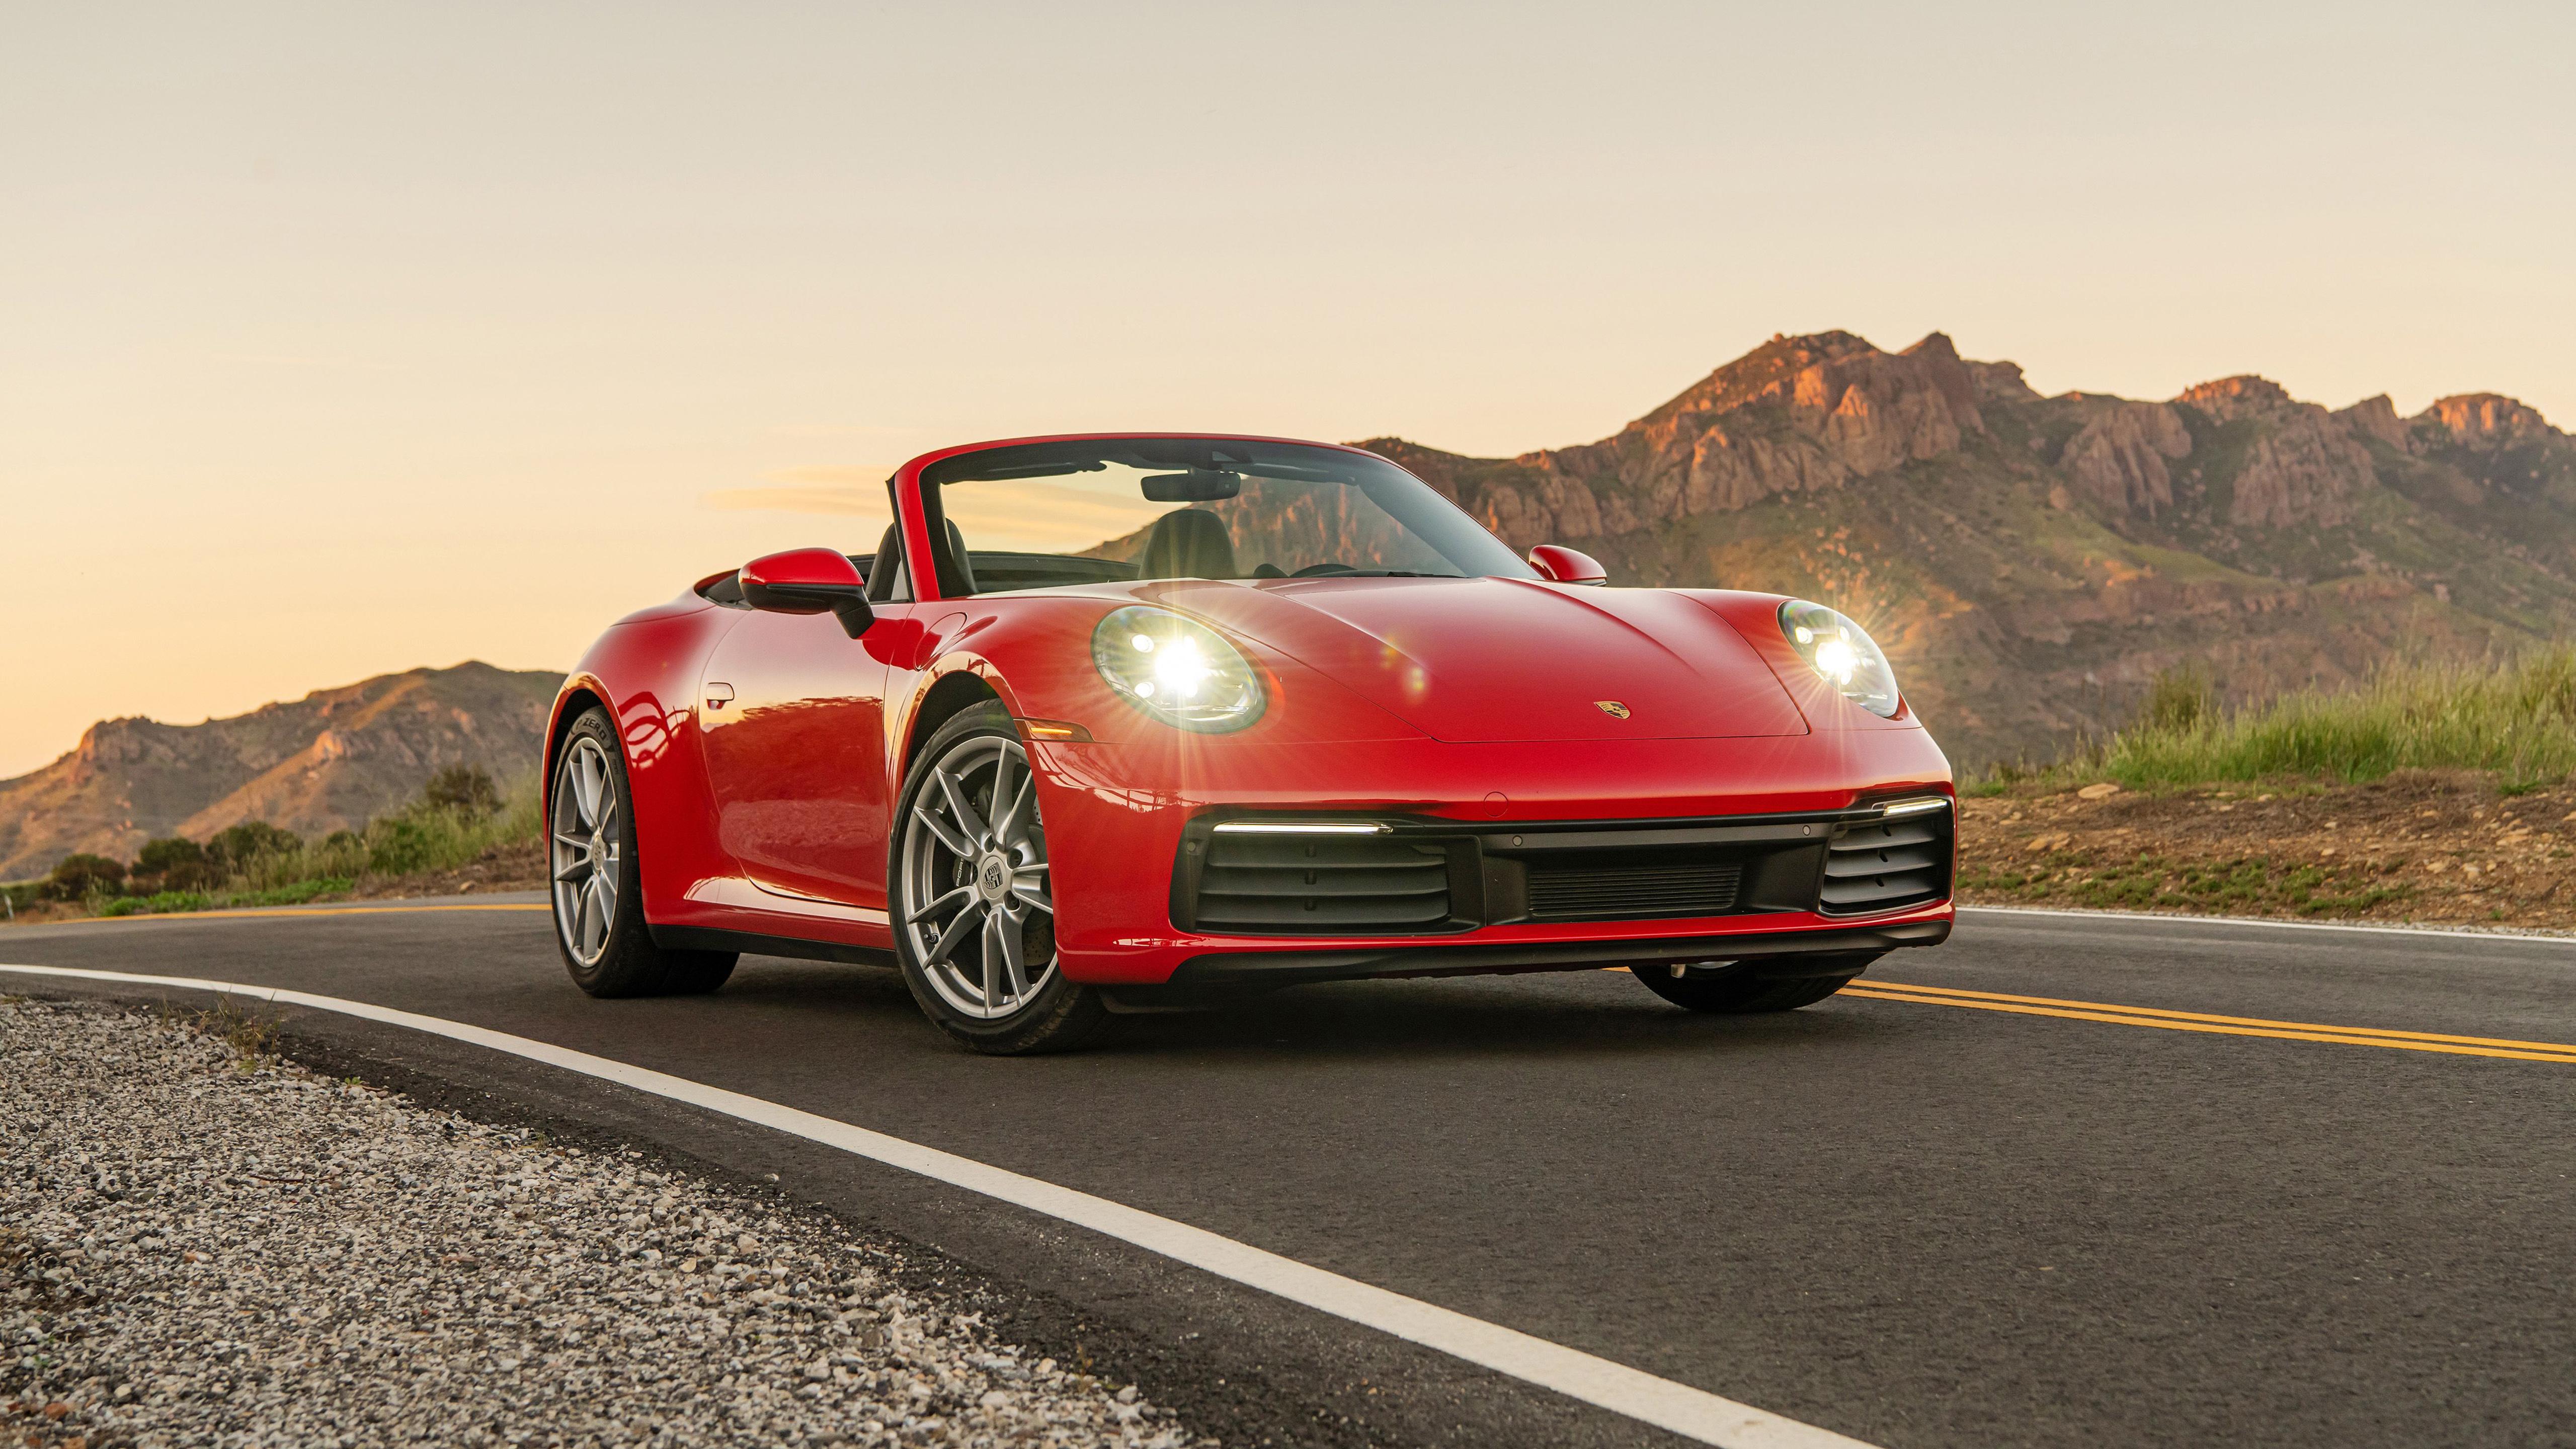 2020 Porsche 911 Carrera Cabriolet 5K Wallpaper   HD Car ...